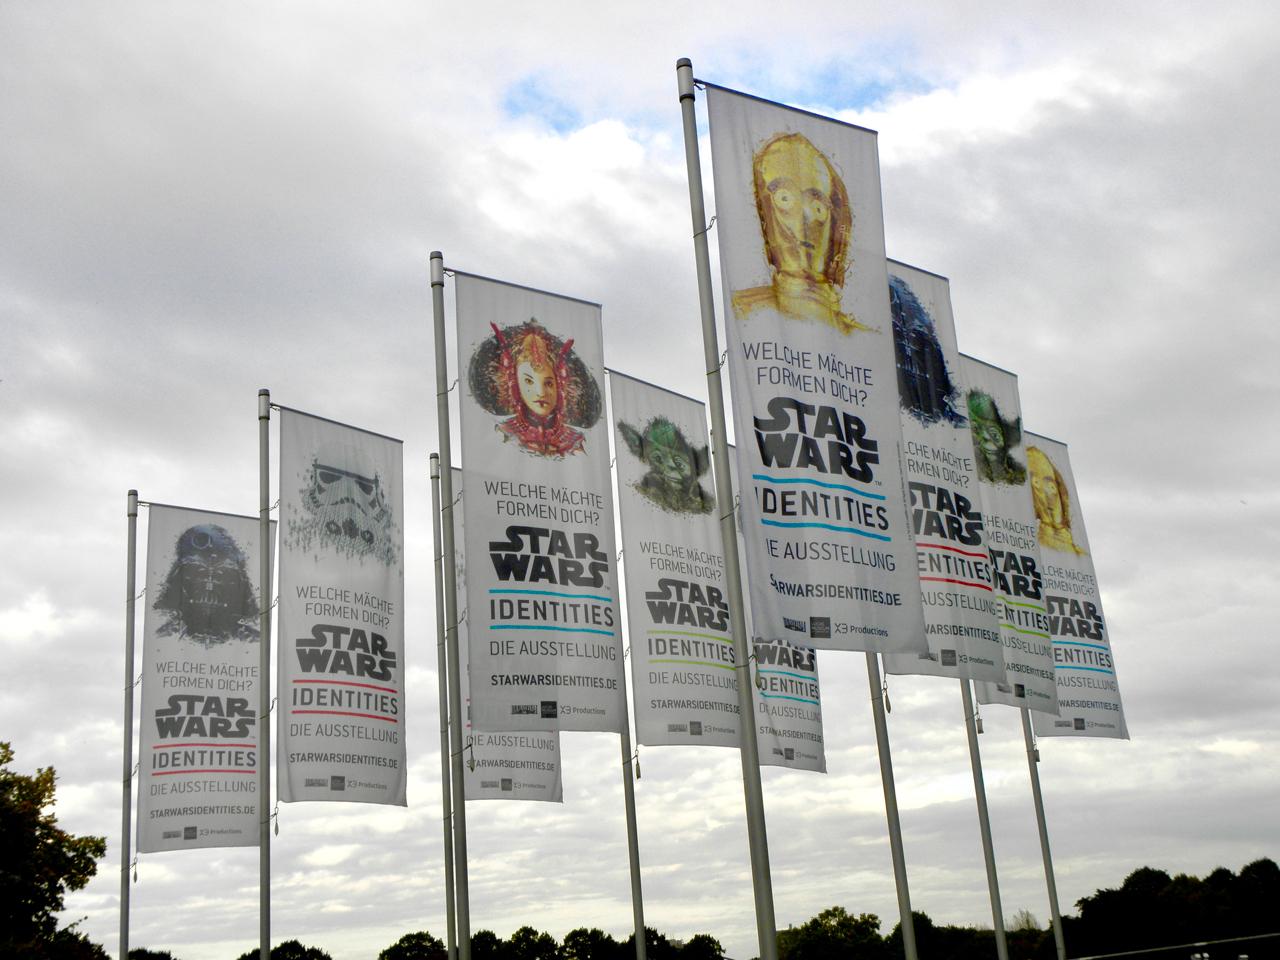 Star Wars Identities - Storia di un viaggio improvvisato